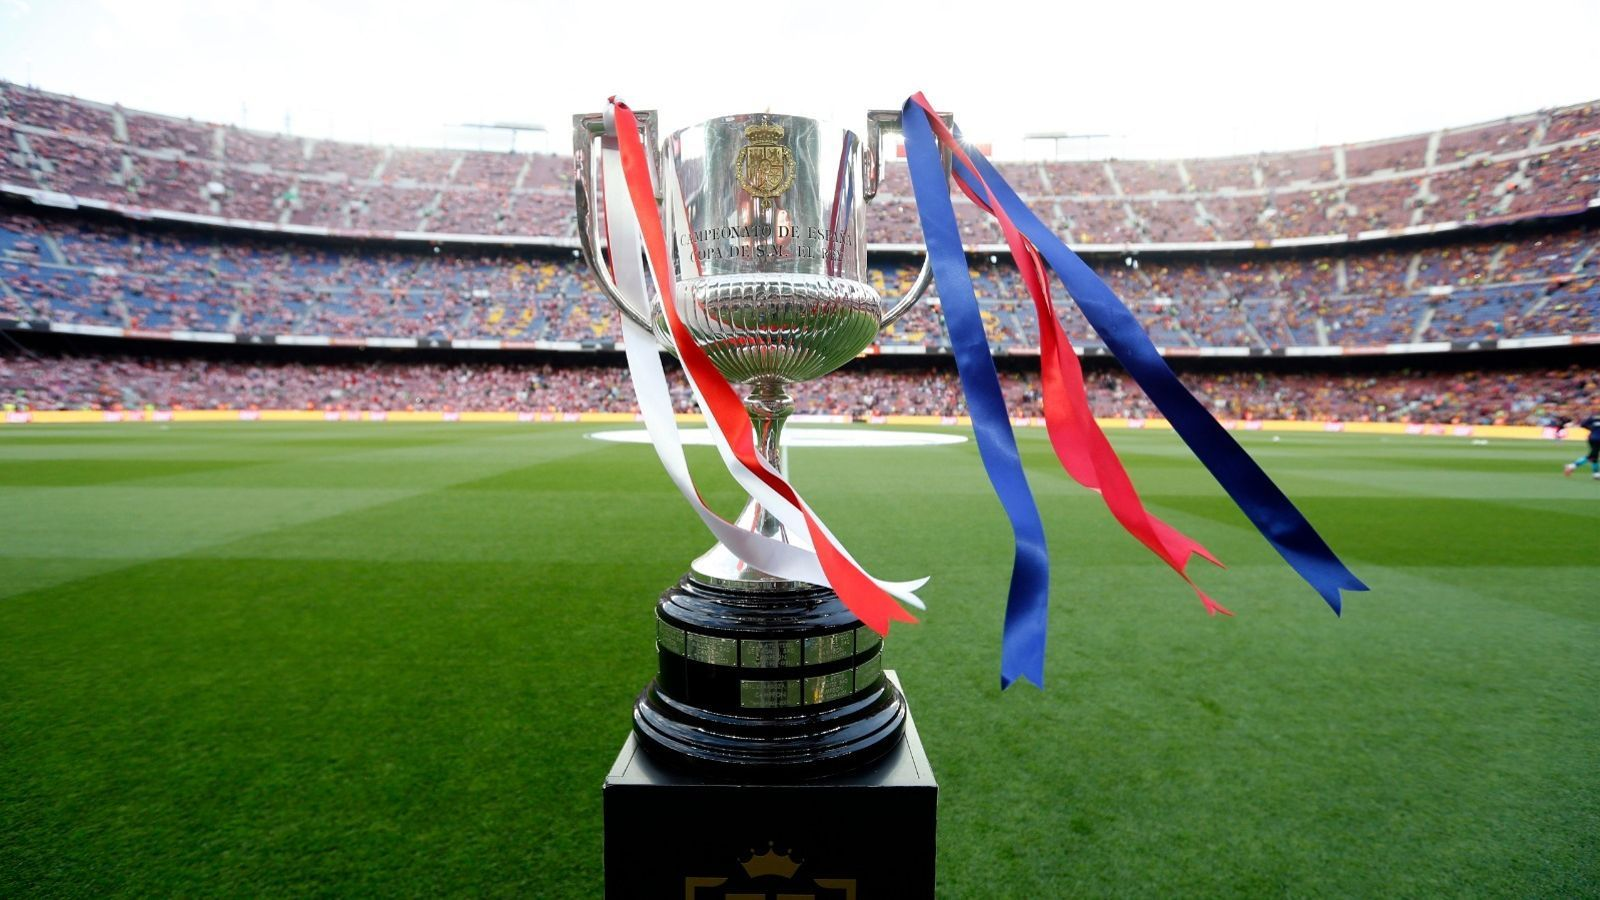 El títol de la Copa del Rei, sobre la gespa del Camp Nou